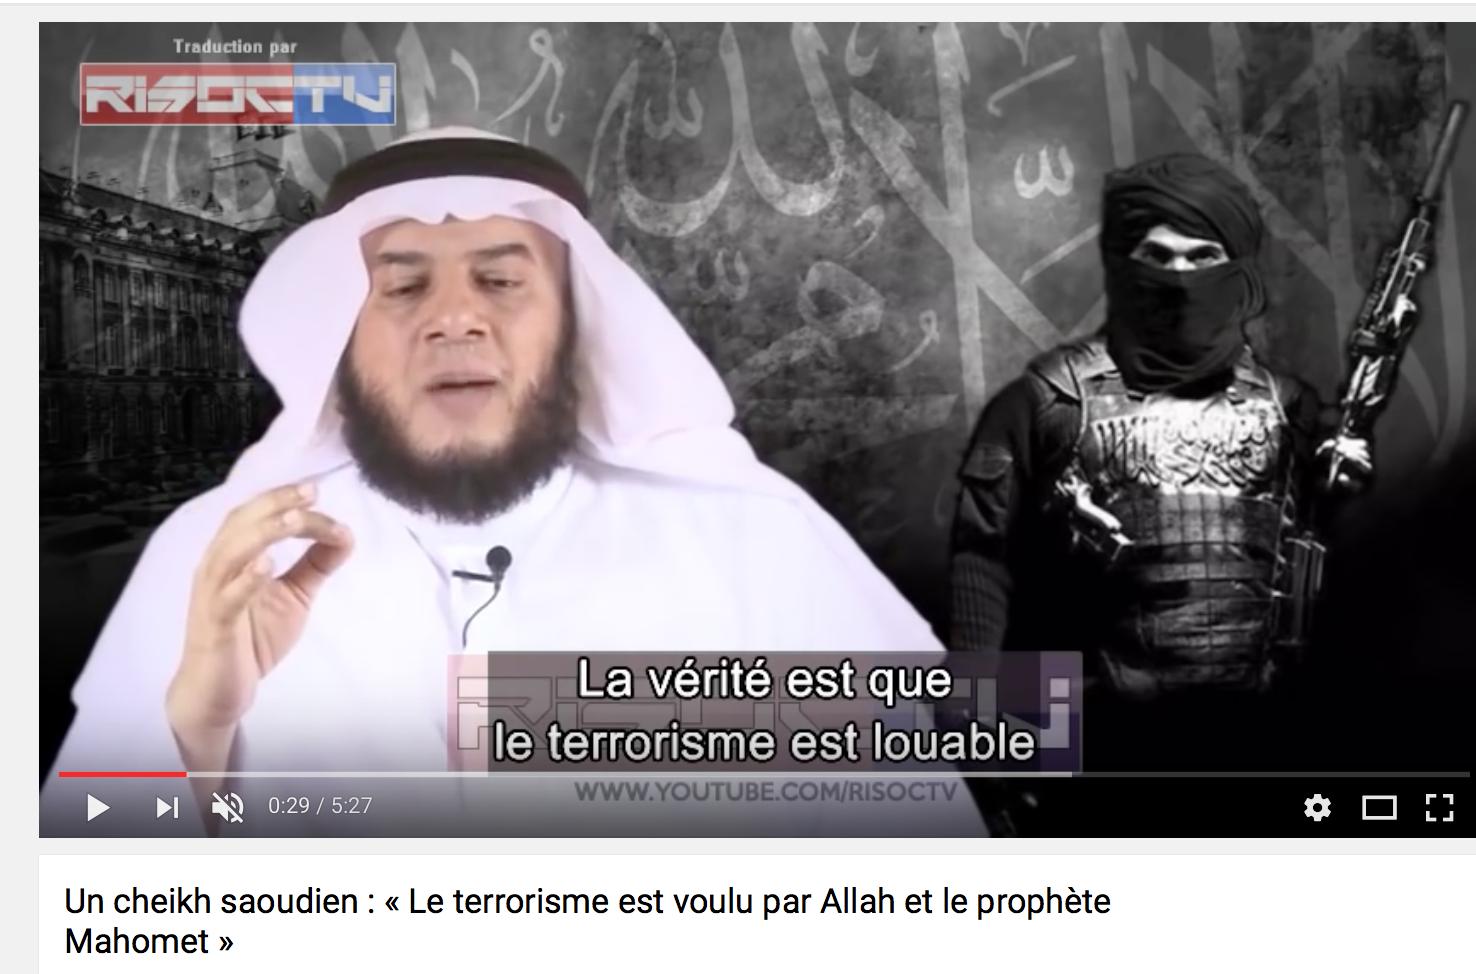 Un cheikh saoudien : « Le terrorisme est voulu par Allah et le prophète Mahomet »